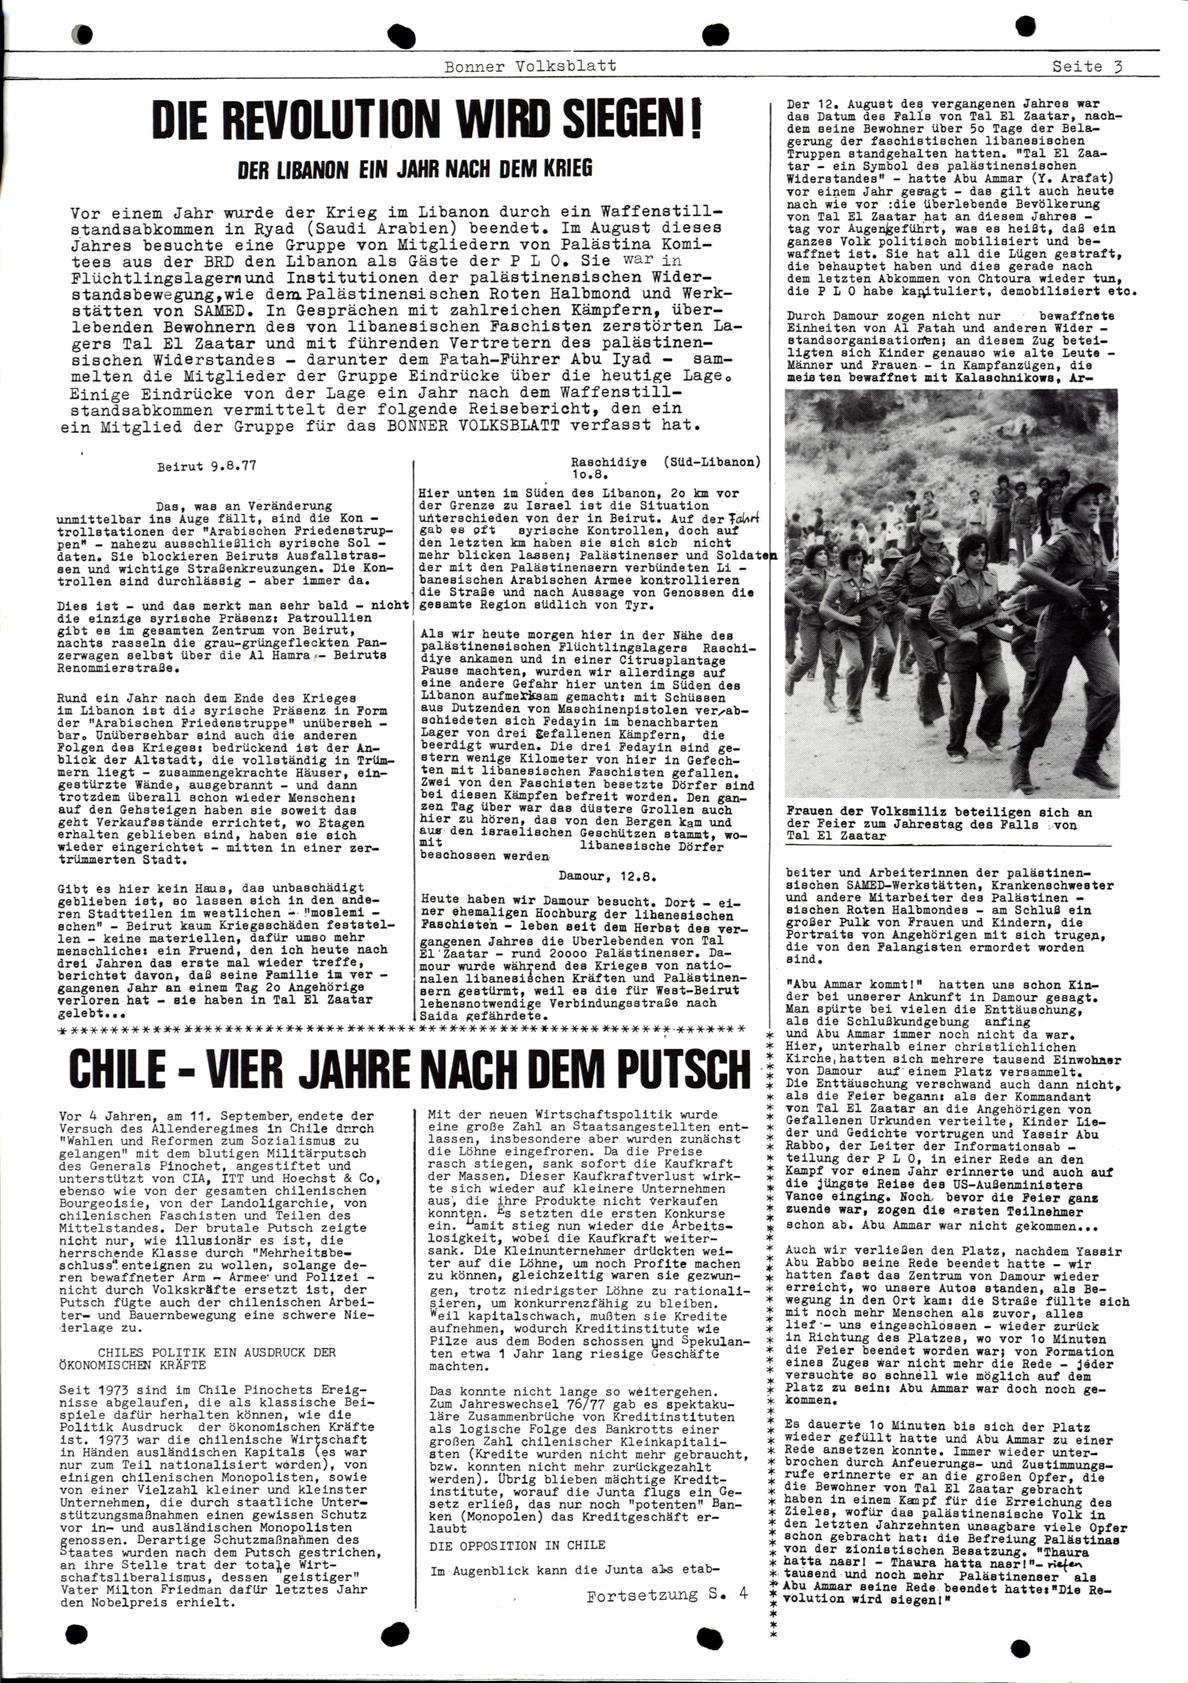 Bonner_Volksblatt_04_19770906_03